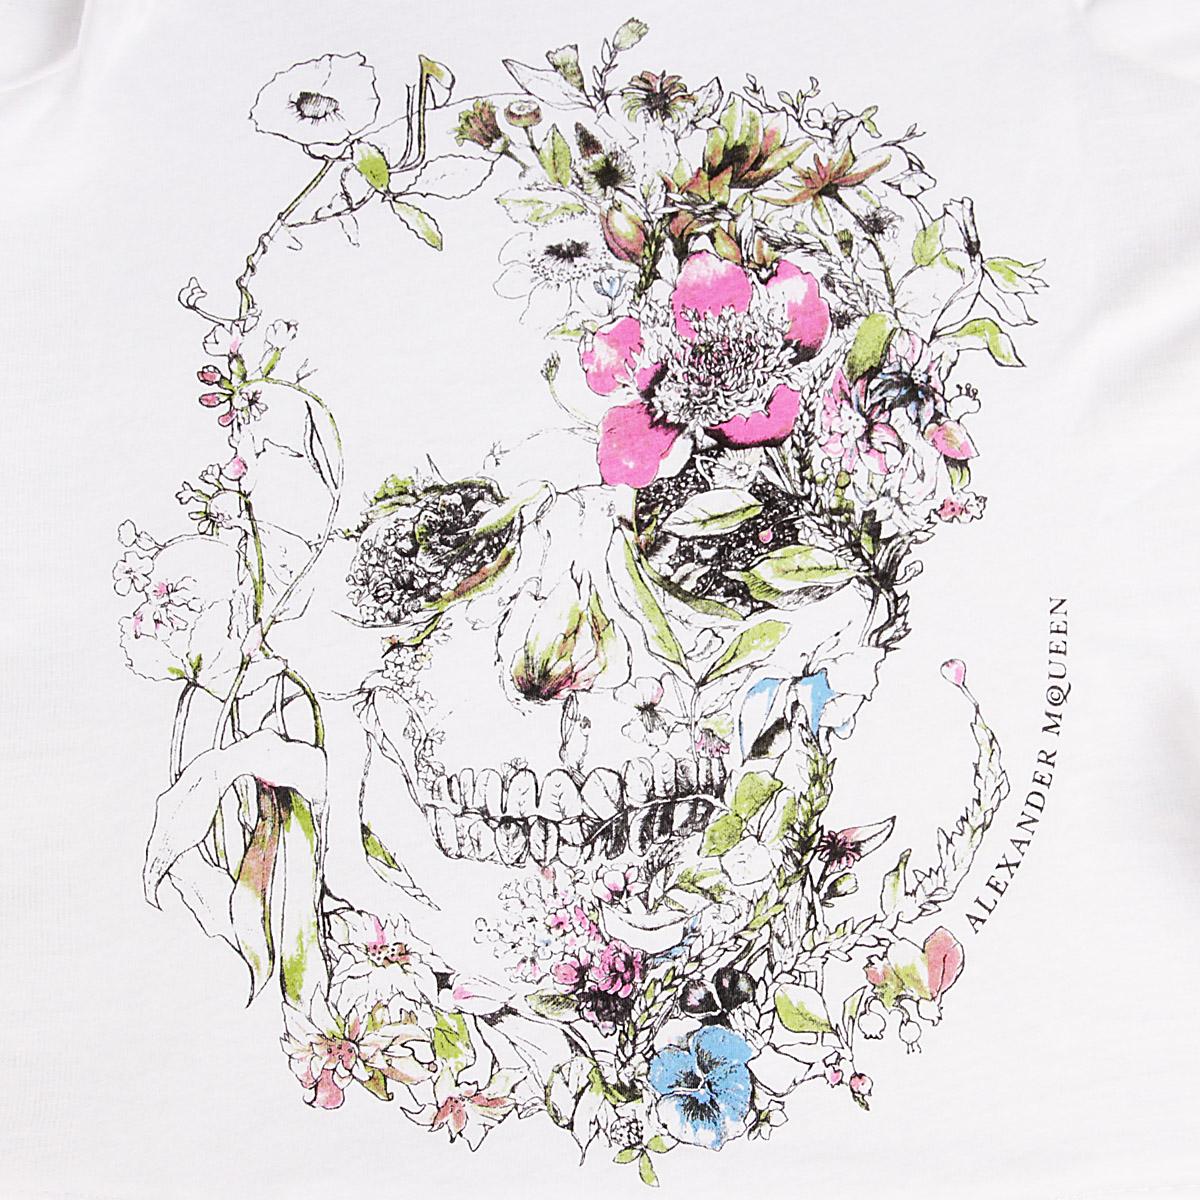 手绘黑白t恤 特价 2016夏 精美手绘彩铅骷髅头印花 短袖女T恤 黑白两色百搭T_推荐淘宝好看的女手绘黑白t恤